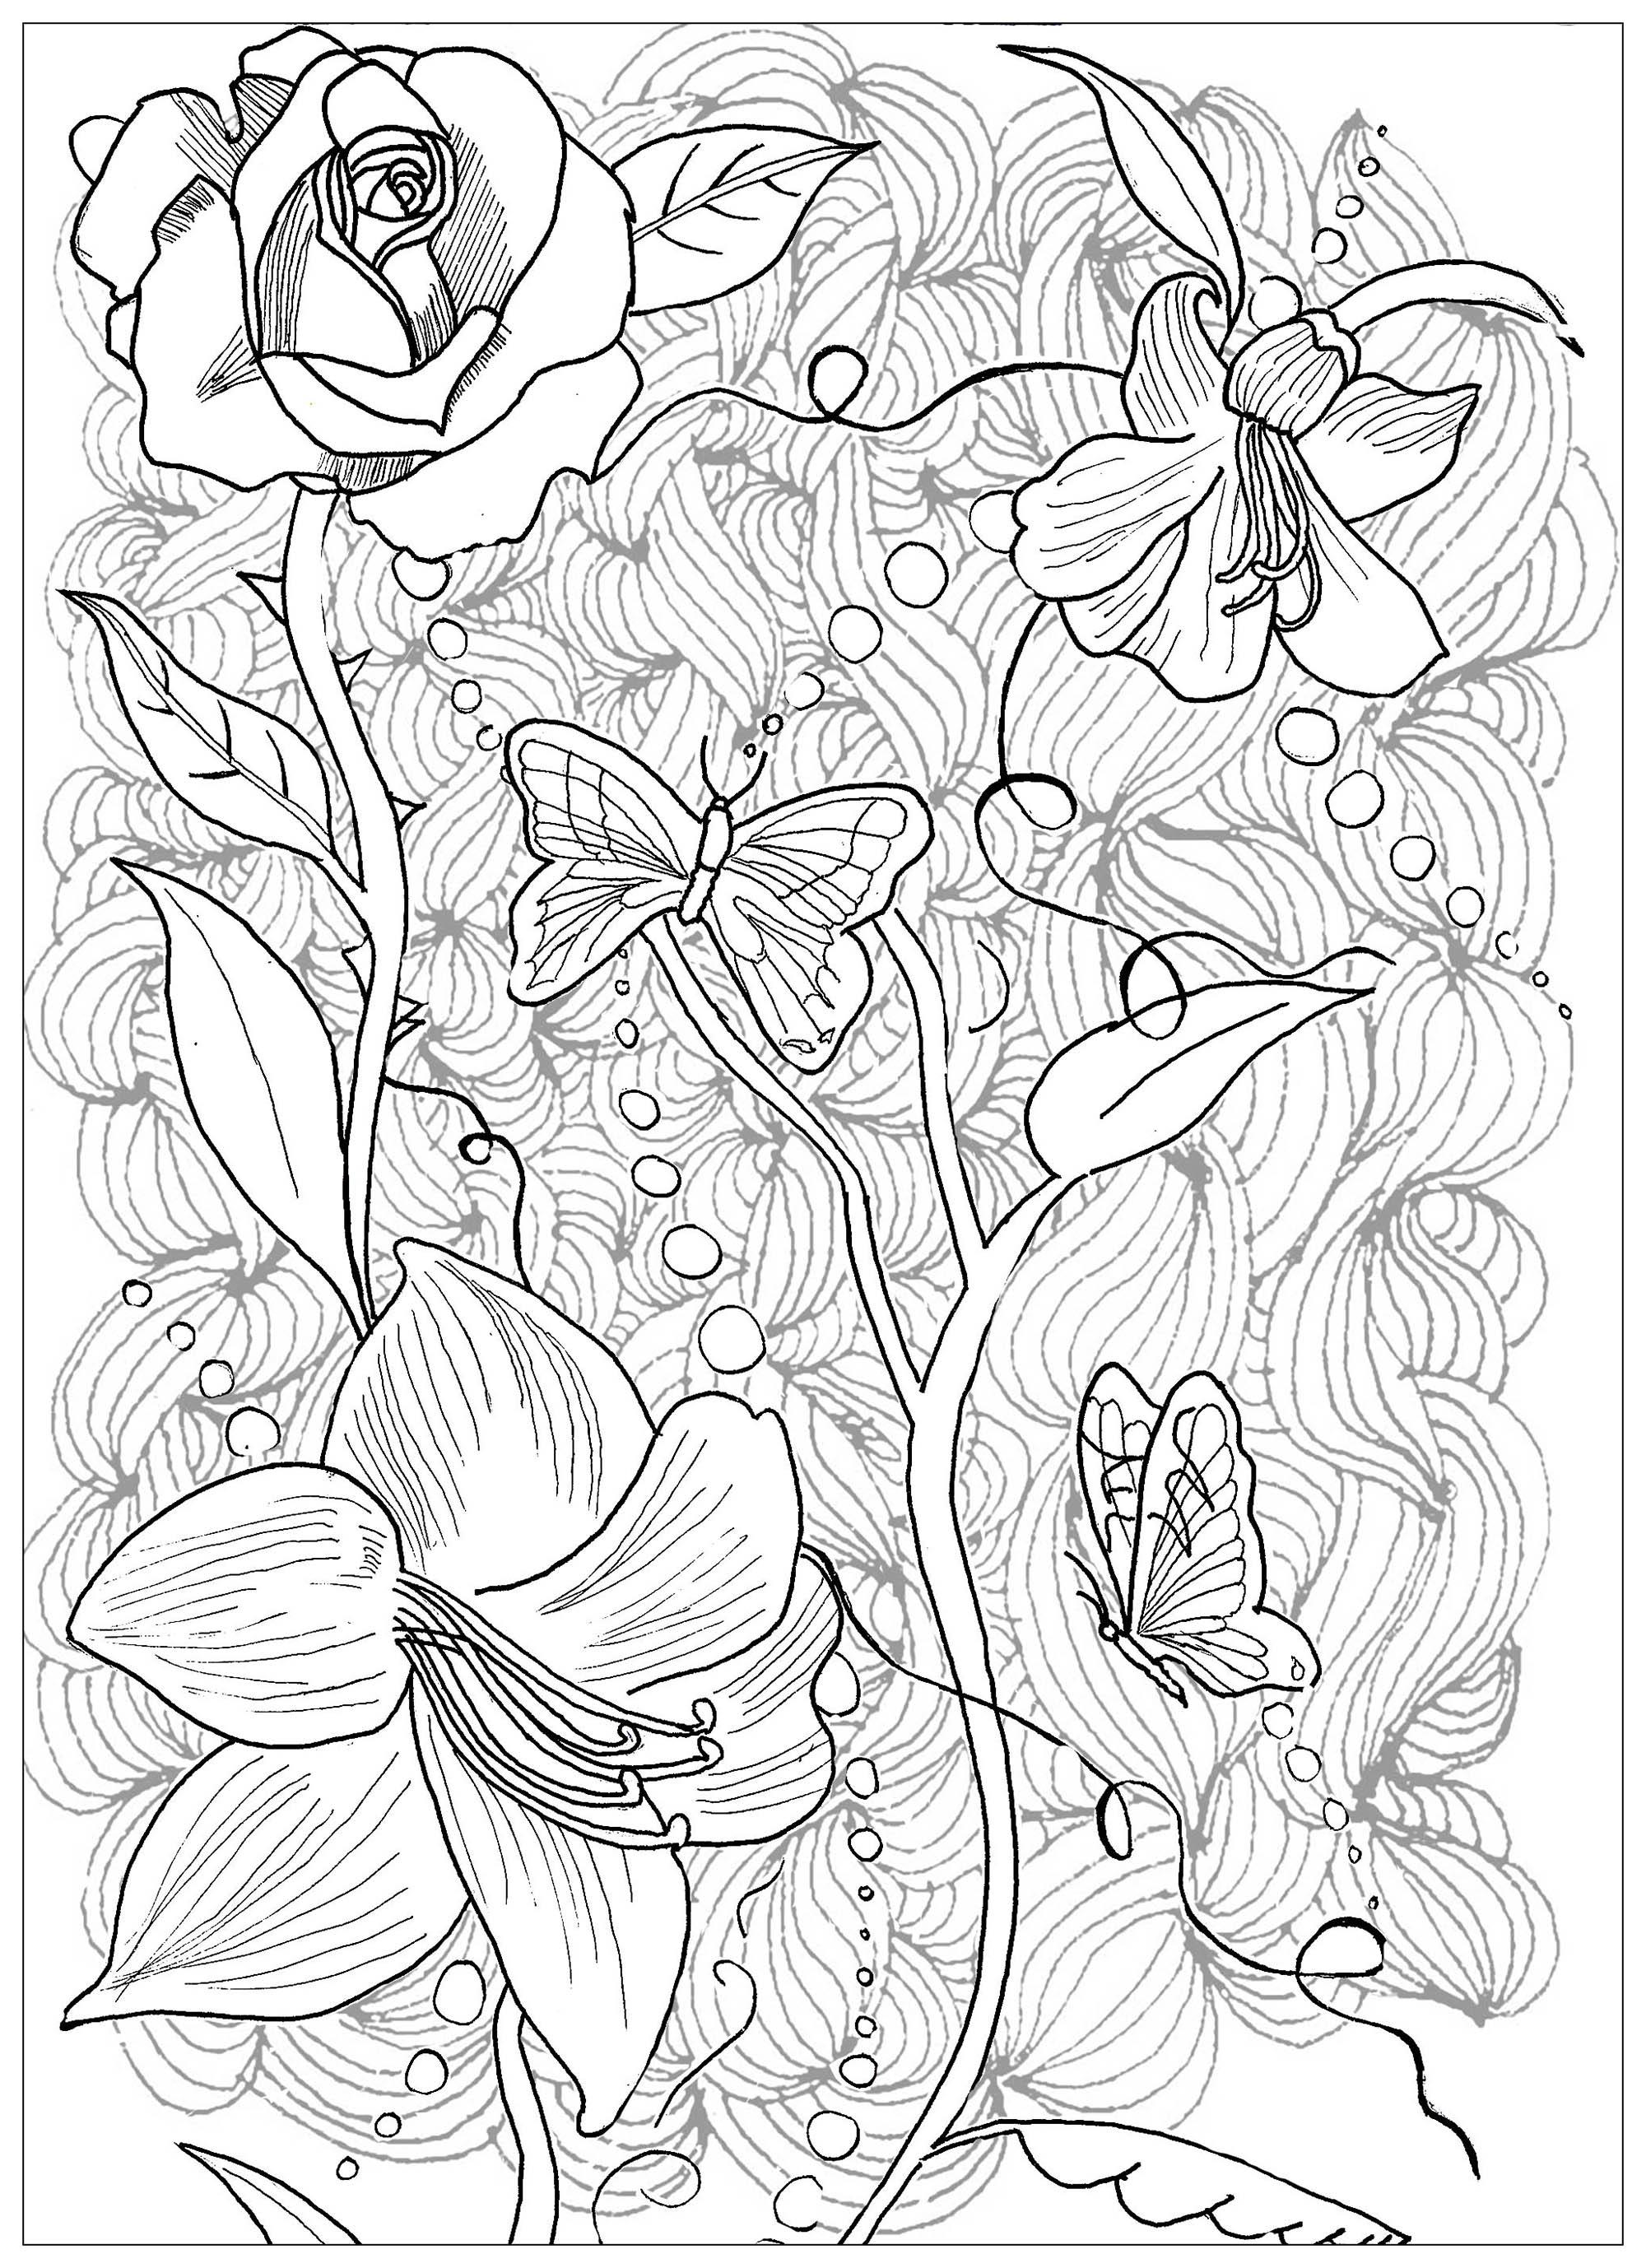 Un magnifique tatouage de fleurs et de papillons avec un fond composé de motifs harmonieux